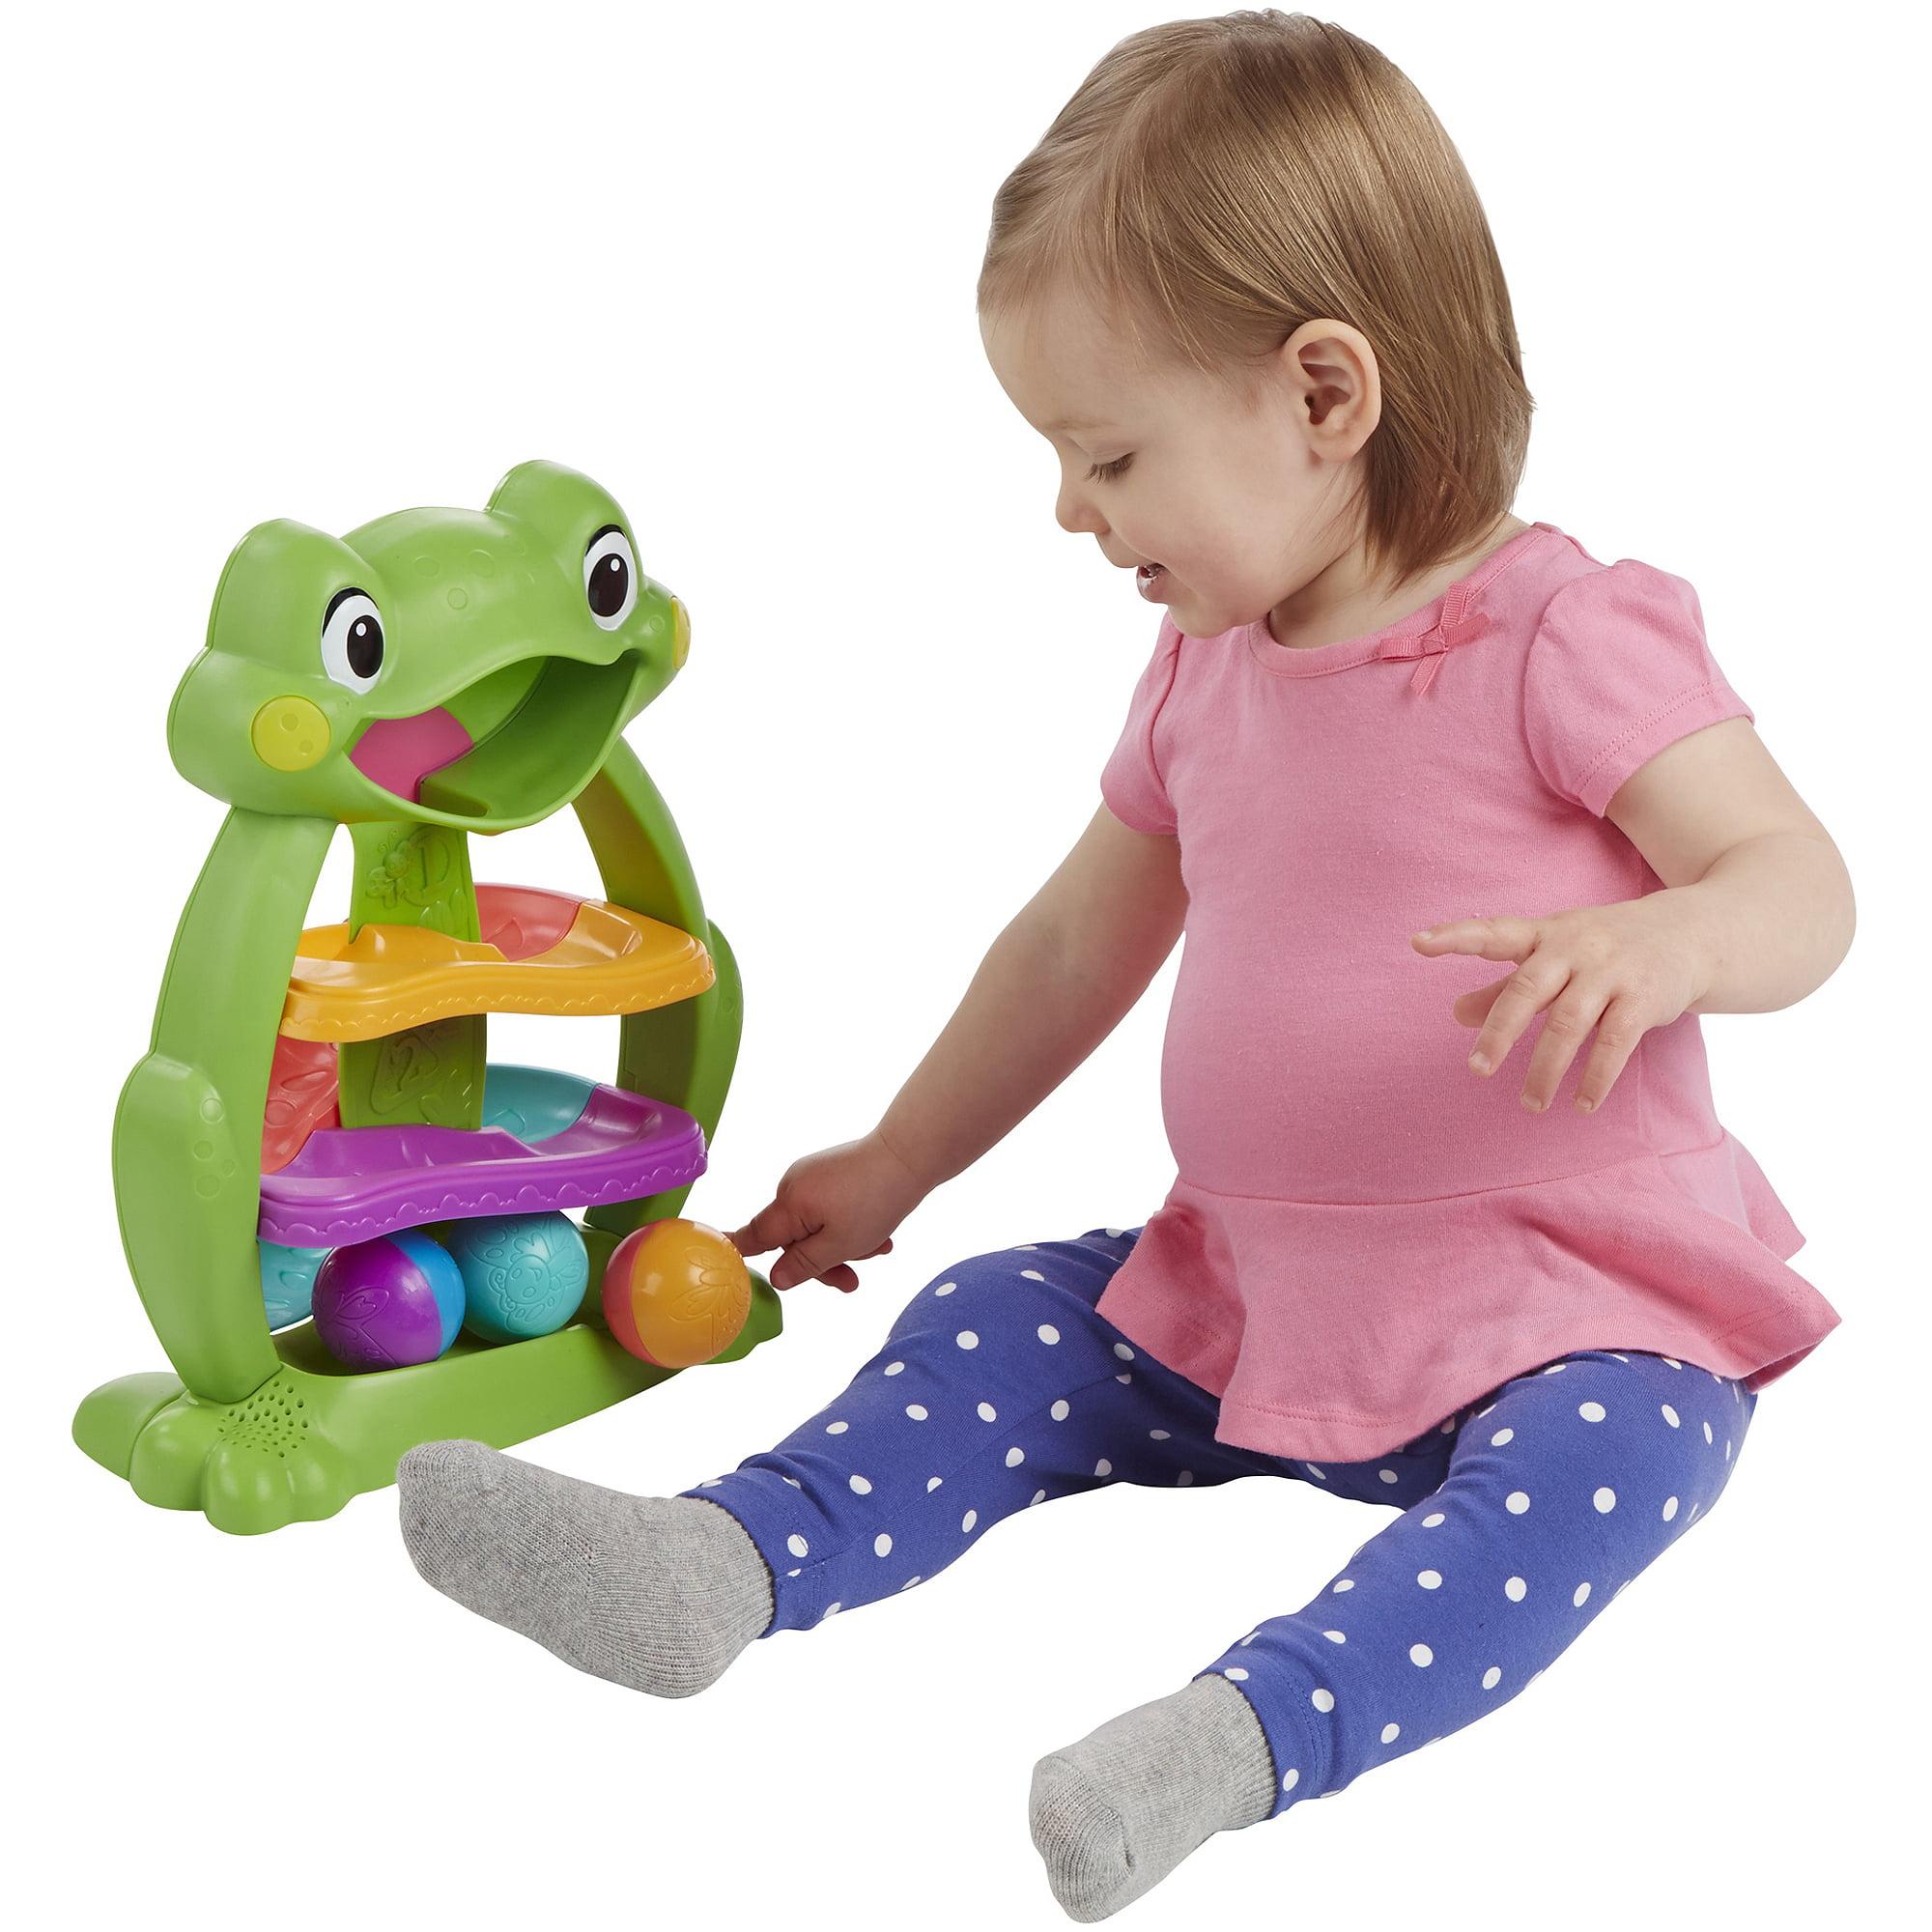 Playskool Tumble n Glow Froggio Toy Walmart